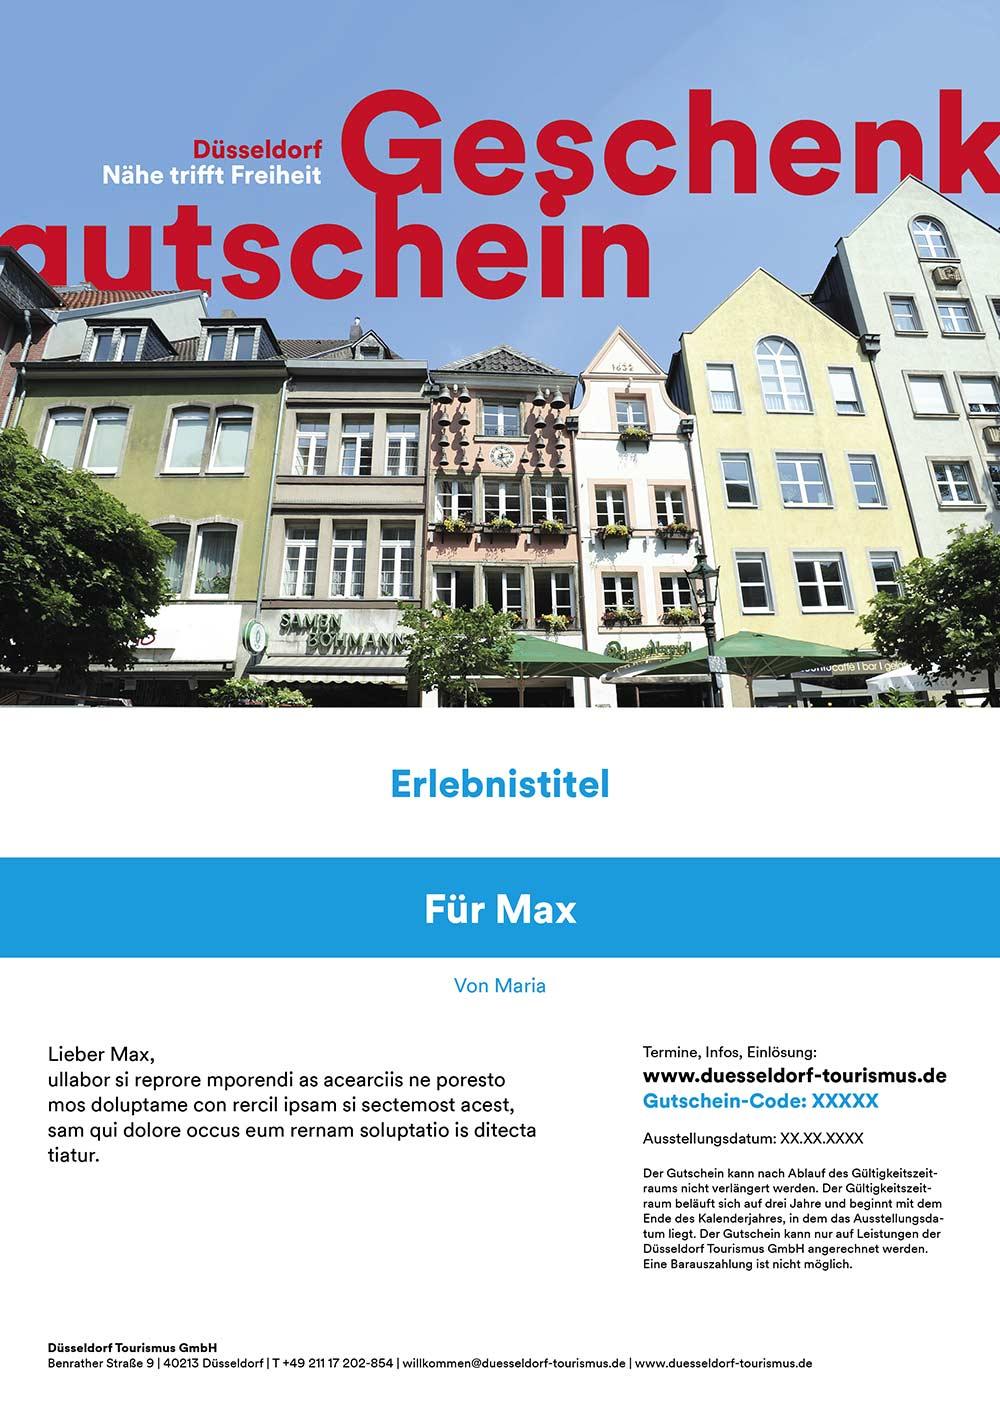 duesseldorf_geschenk-13: Allgemein